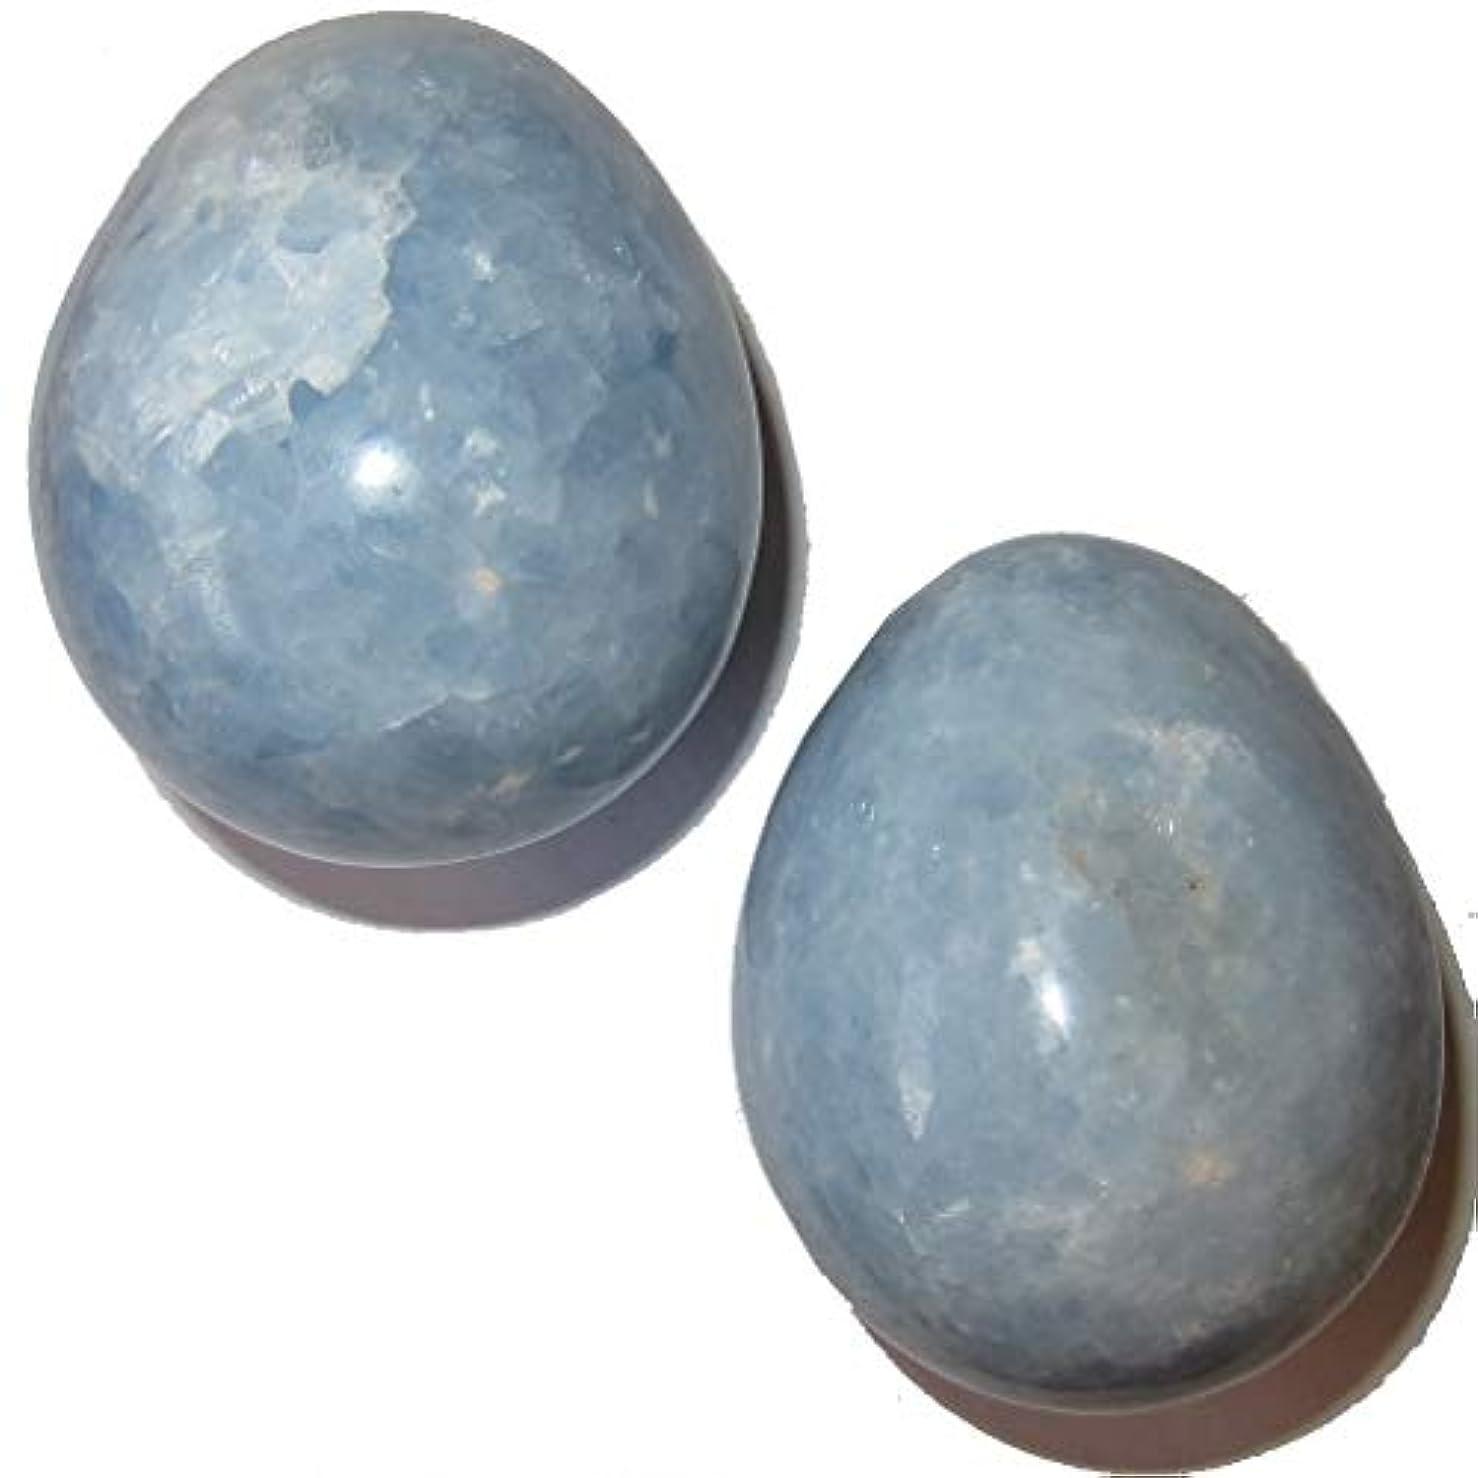 研究所パトロール改善Calcite Eggブルー50天体クリスタルHealing Stone Holy Divination Prayer Gemstone 2.3